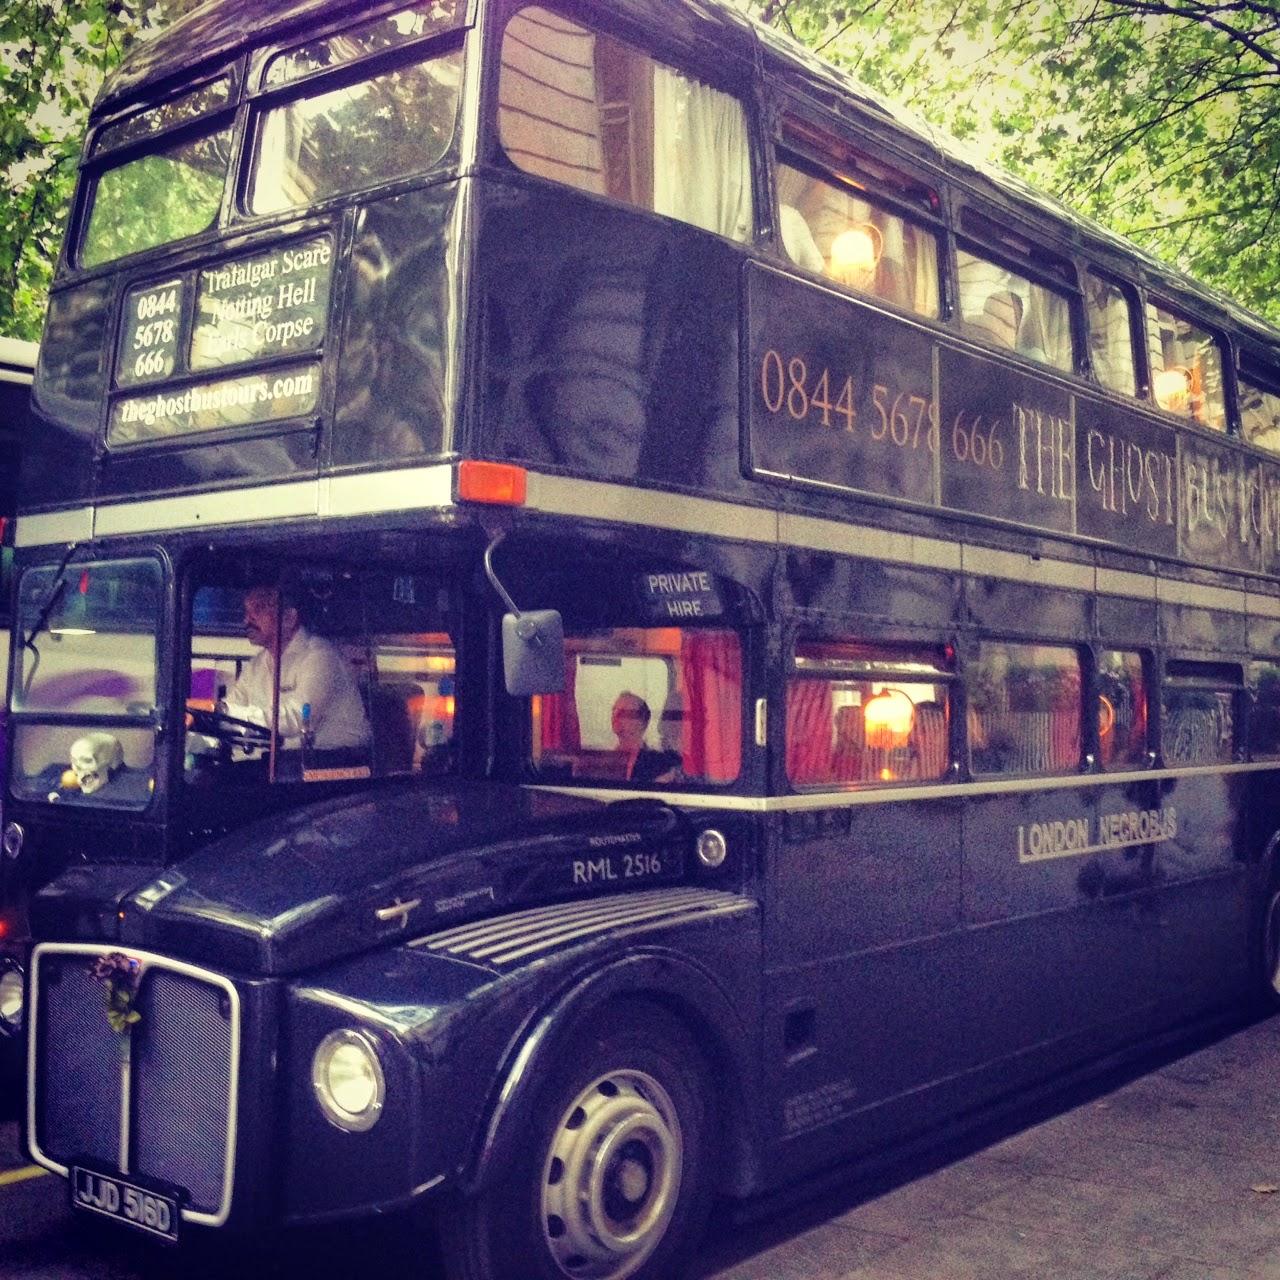 Date coach london